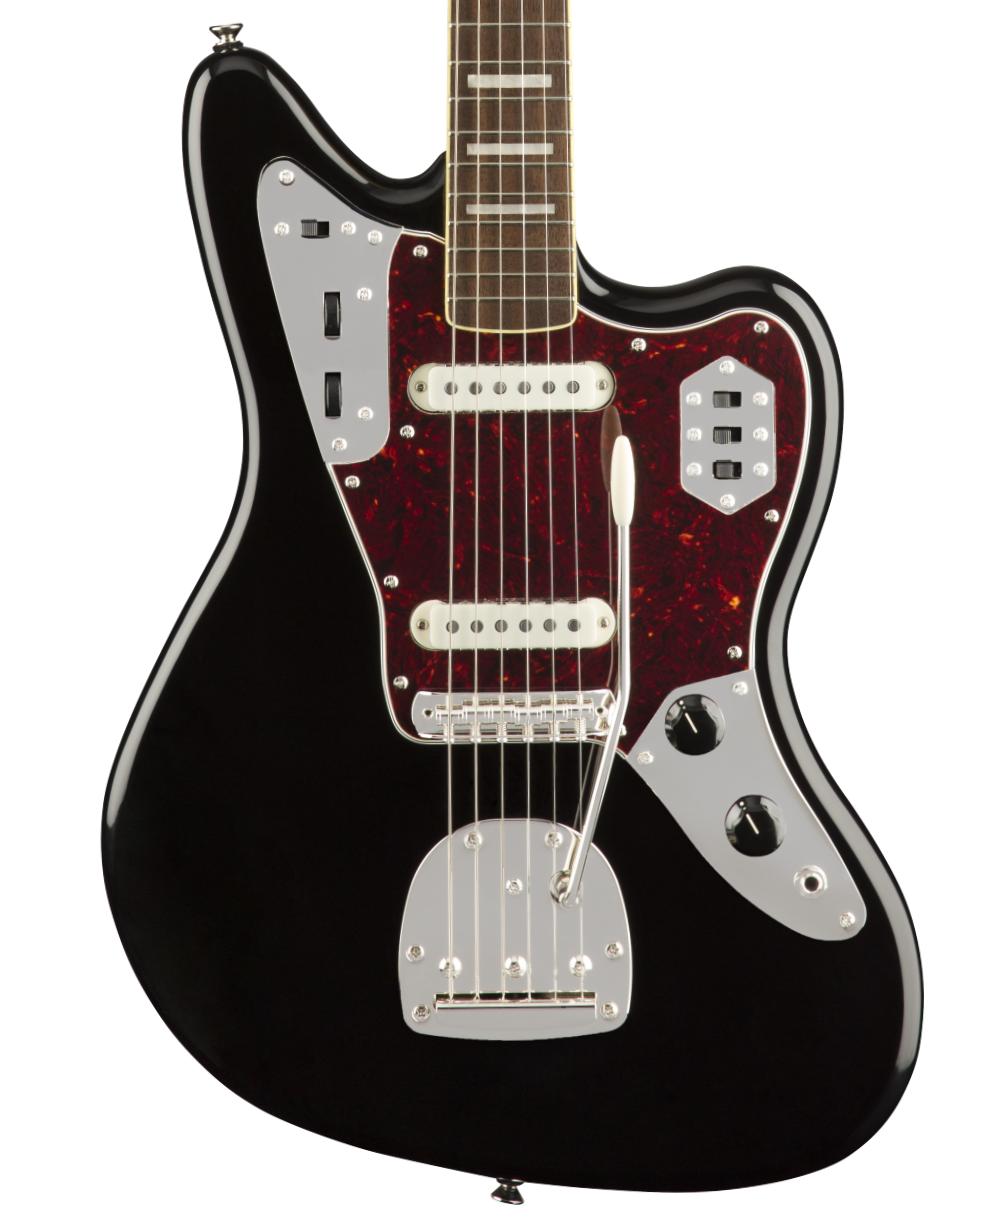 Fender Squire CV 70's Jaguar with a Laurel Fingerboard in Black